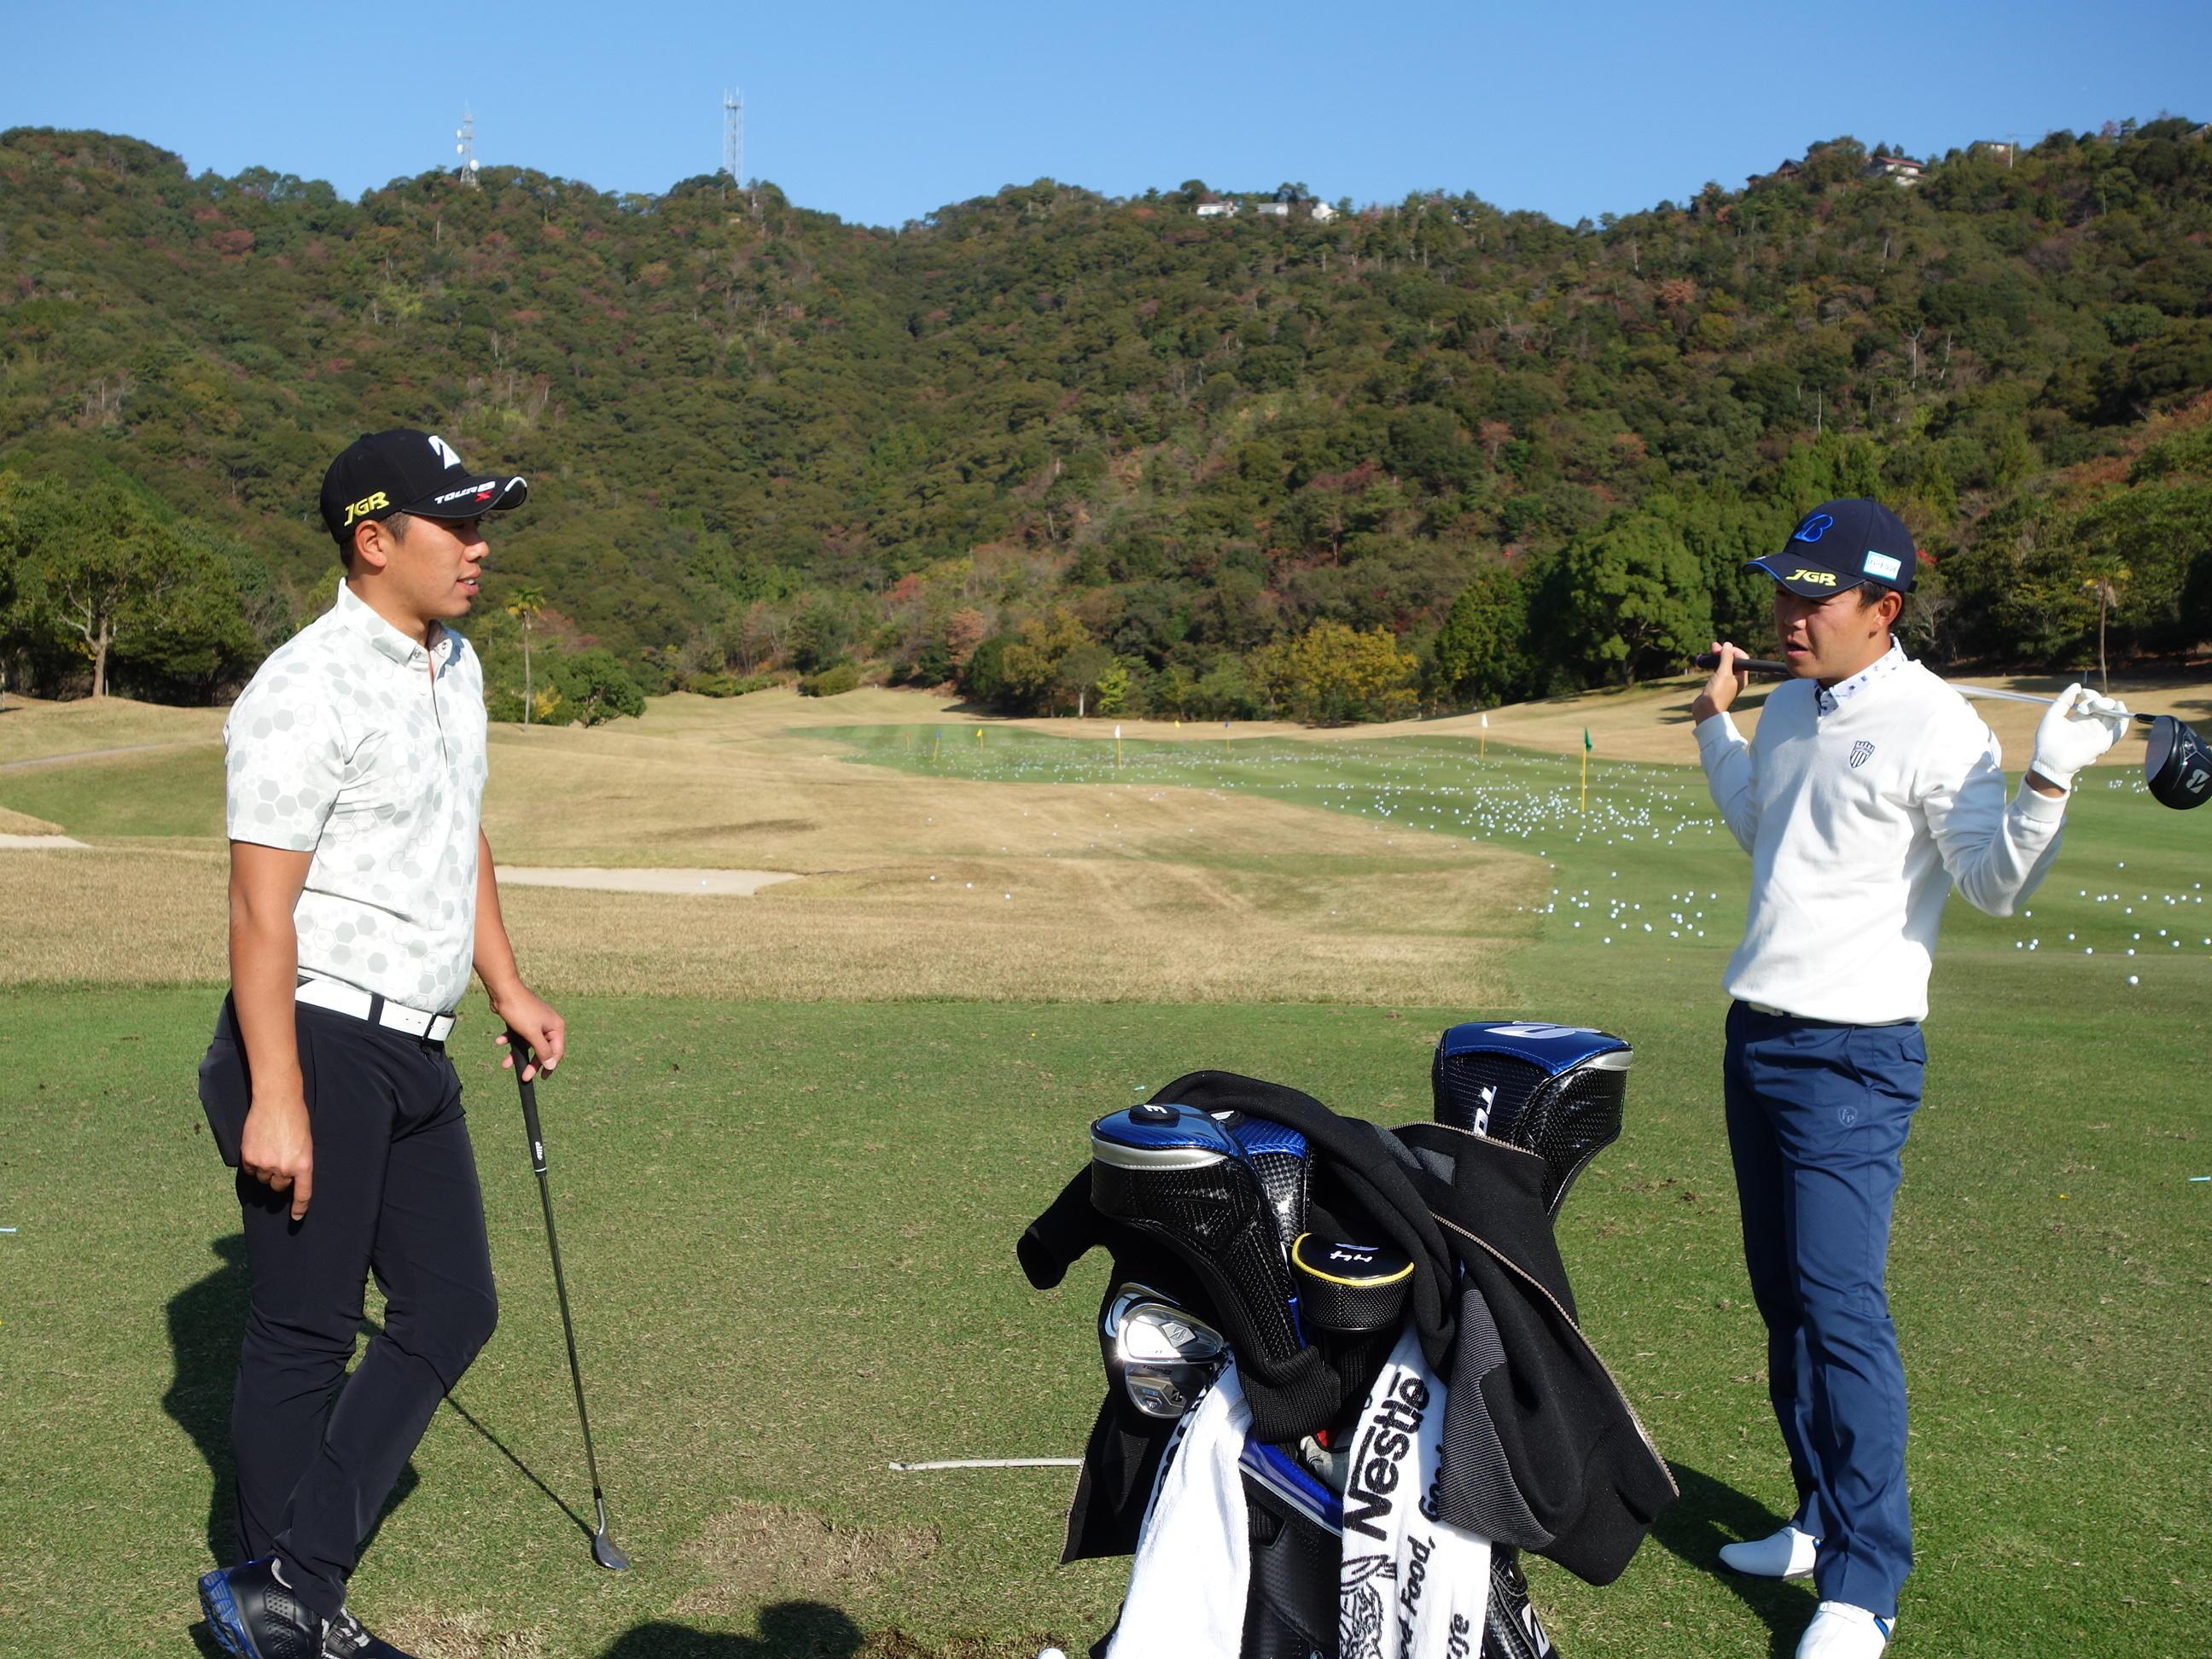 http://www.bs-golf.com/pro/841881cd5d07981803a21d3b8a131d9ecd5cbcfe.JPG